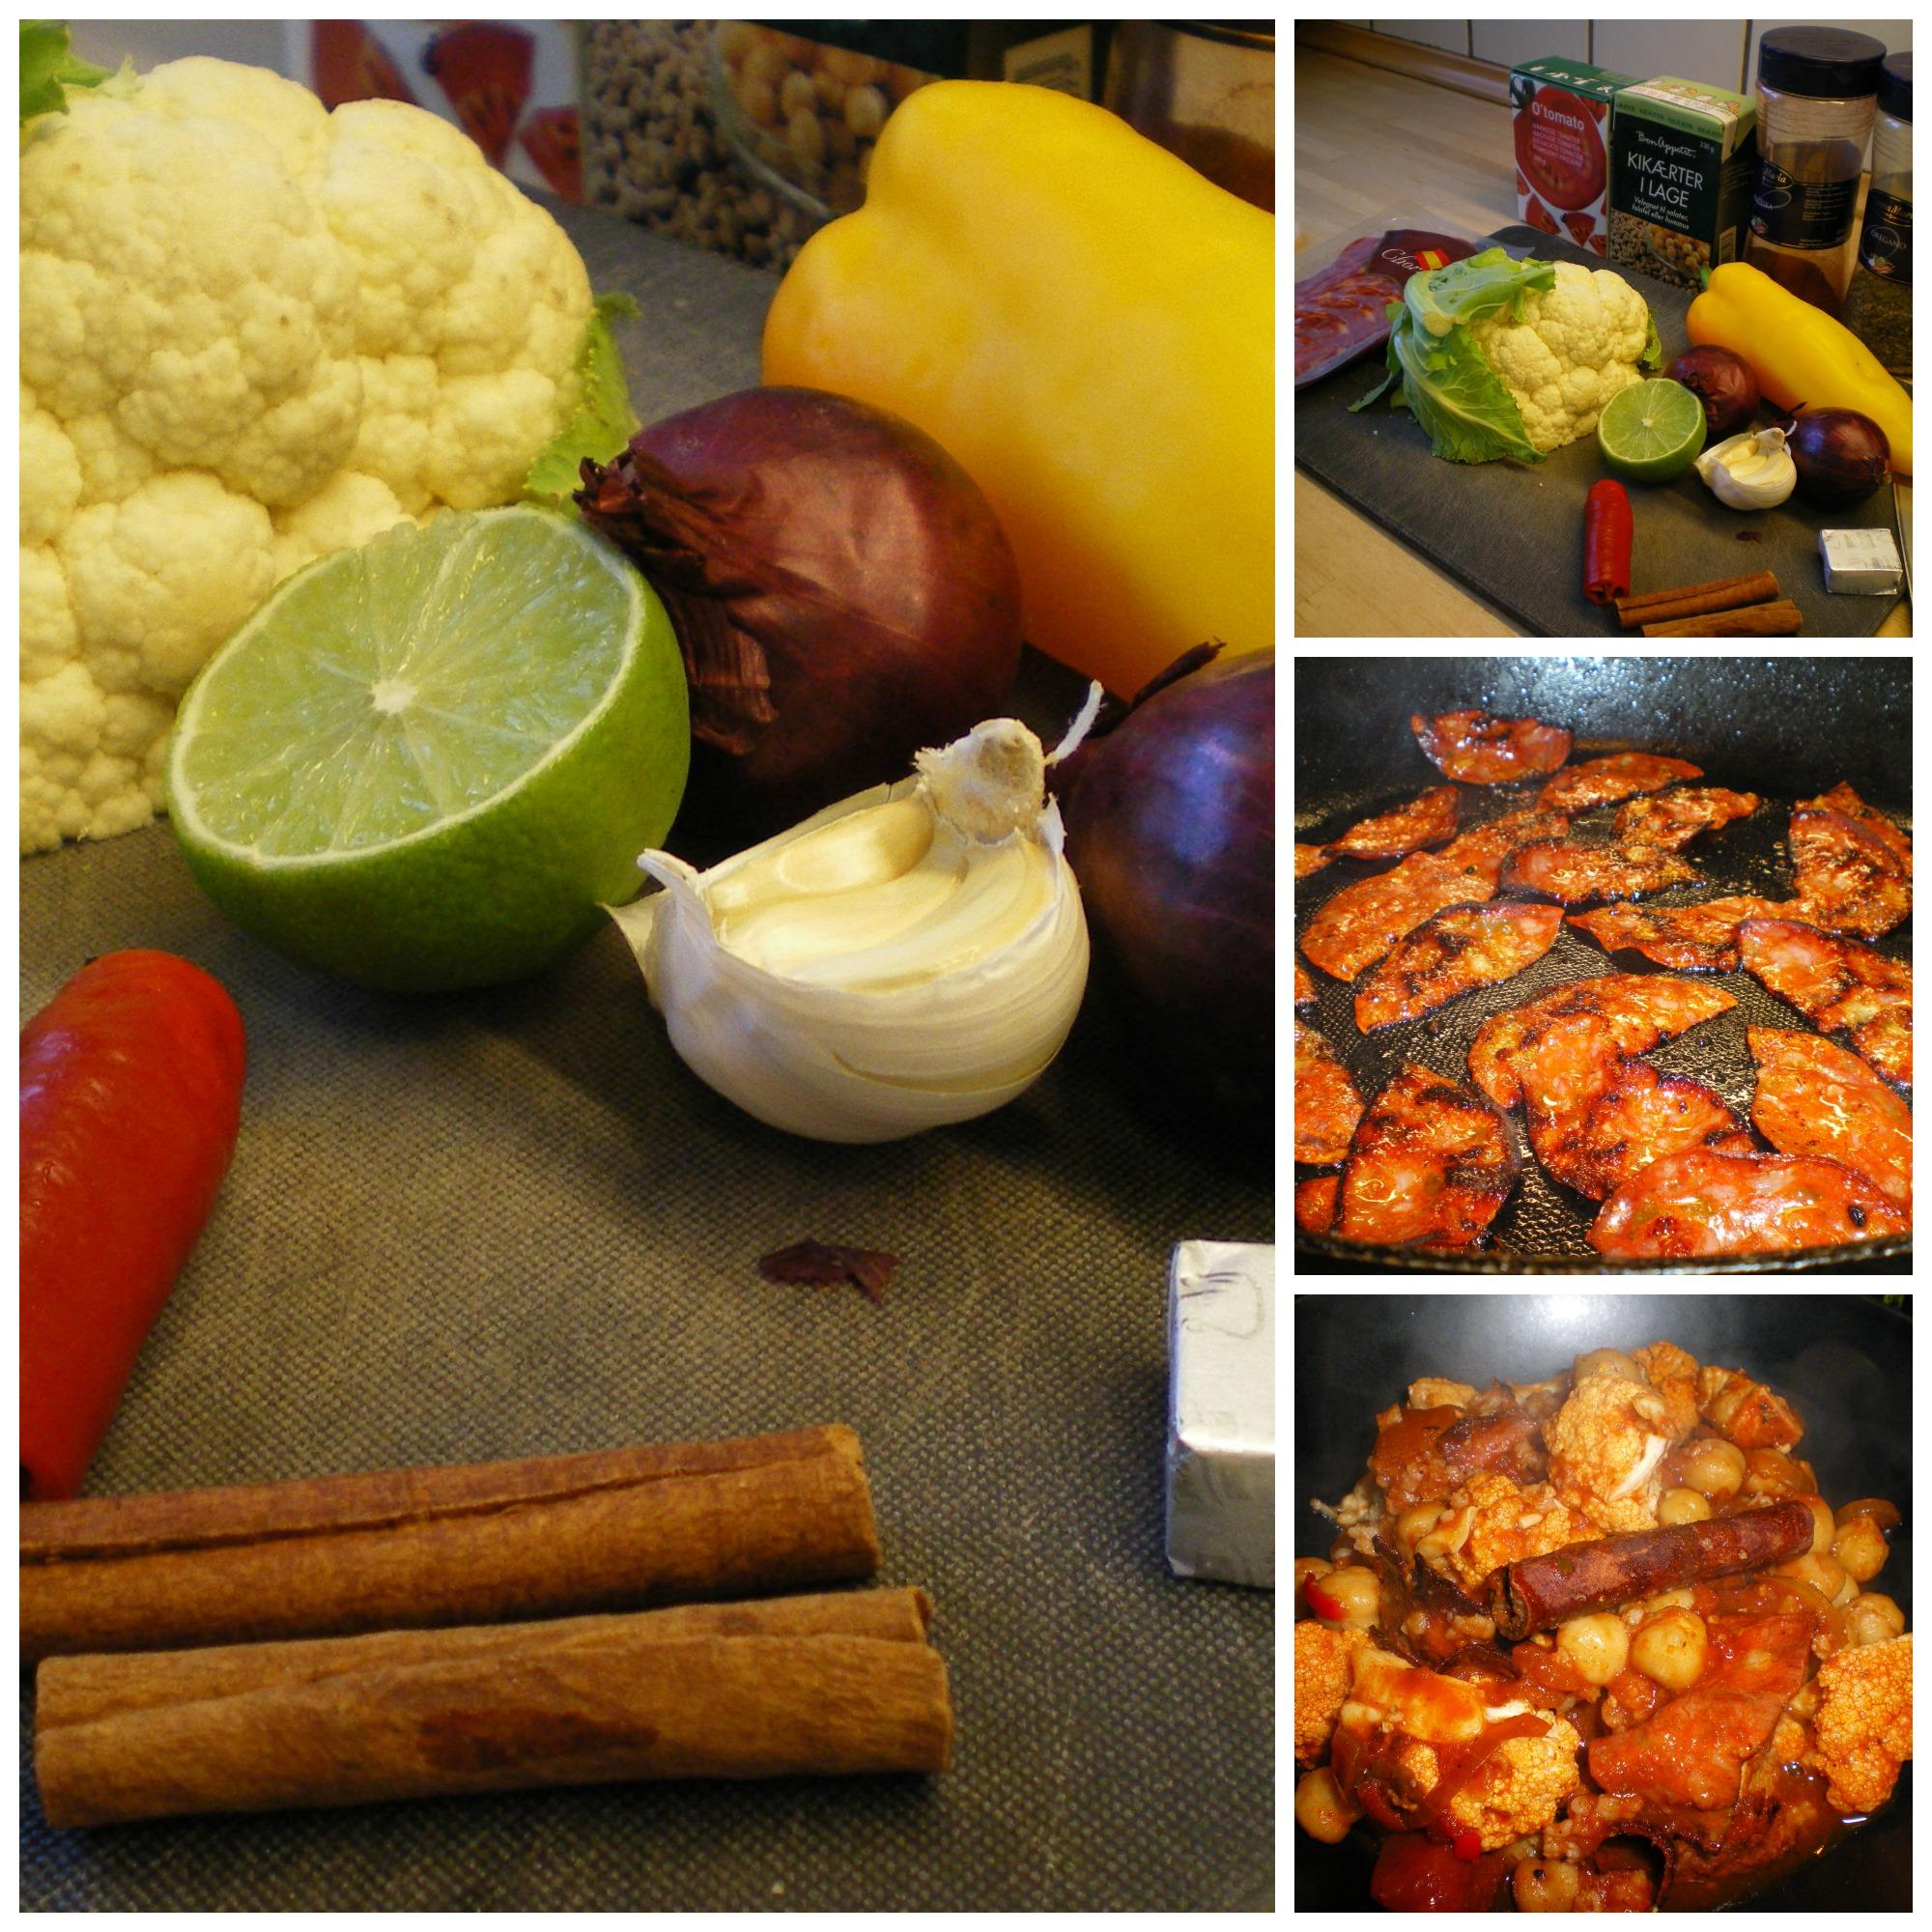 Gryderet med kylling, chorizo, kikærter, peberfrugt og blomkål